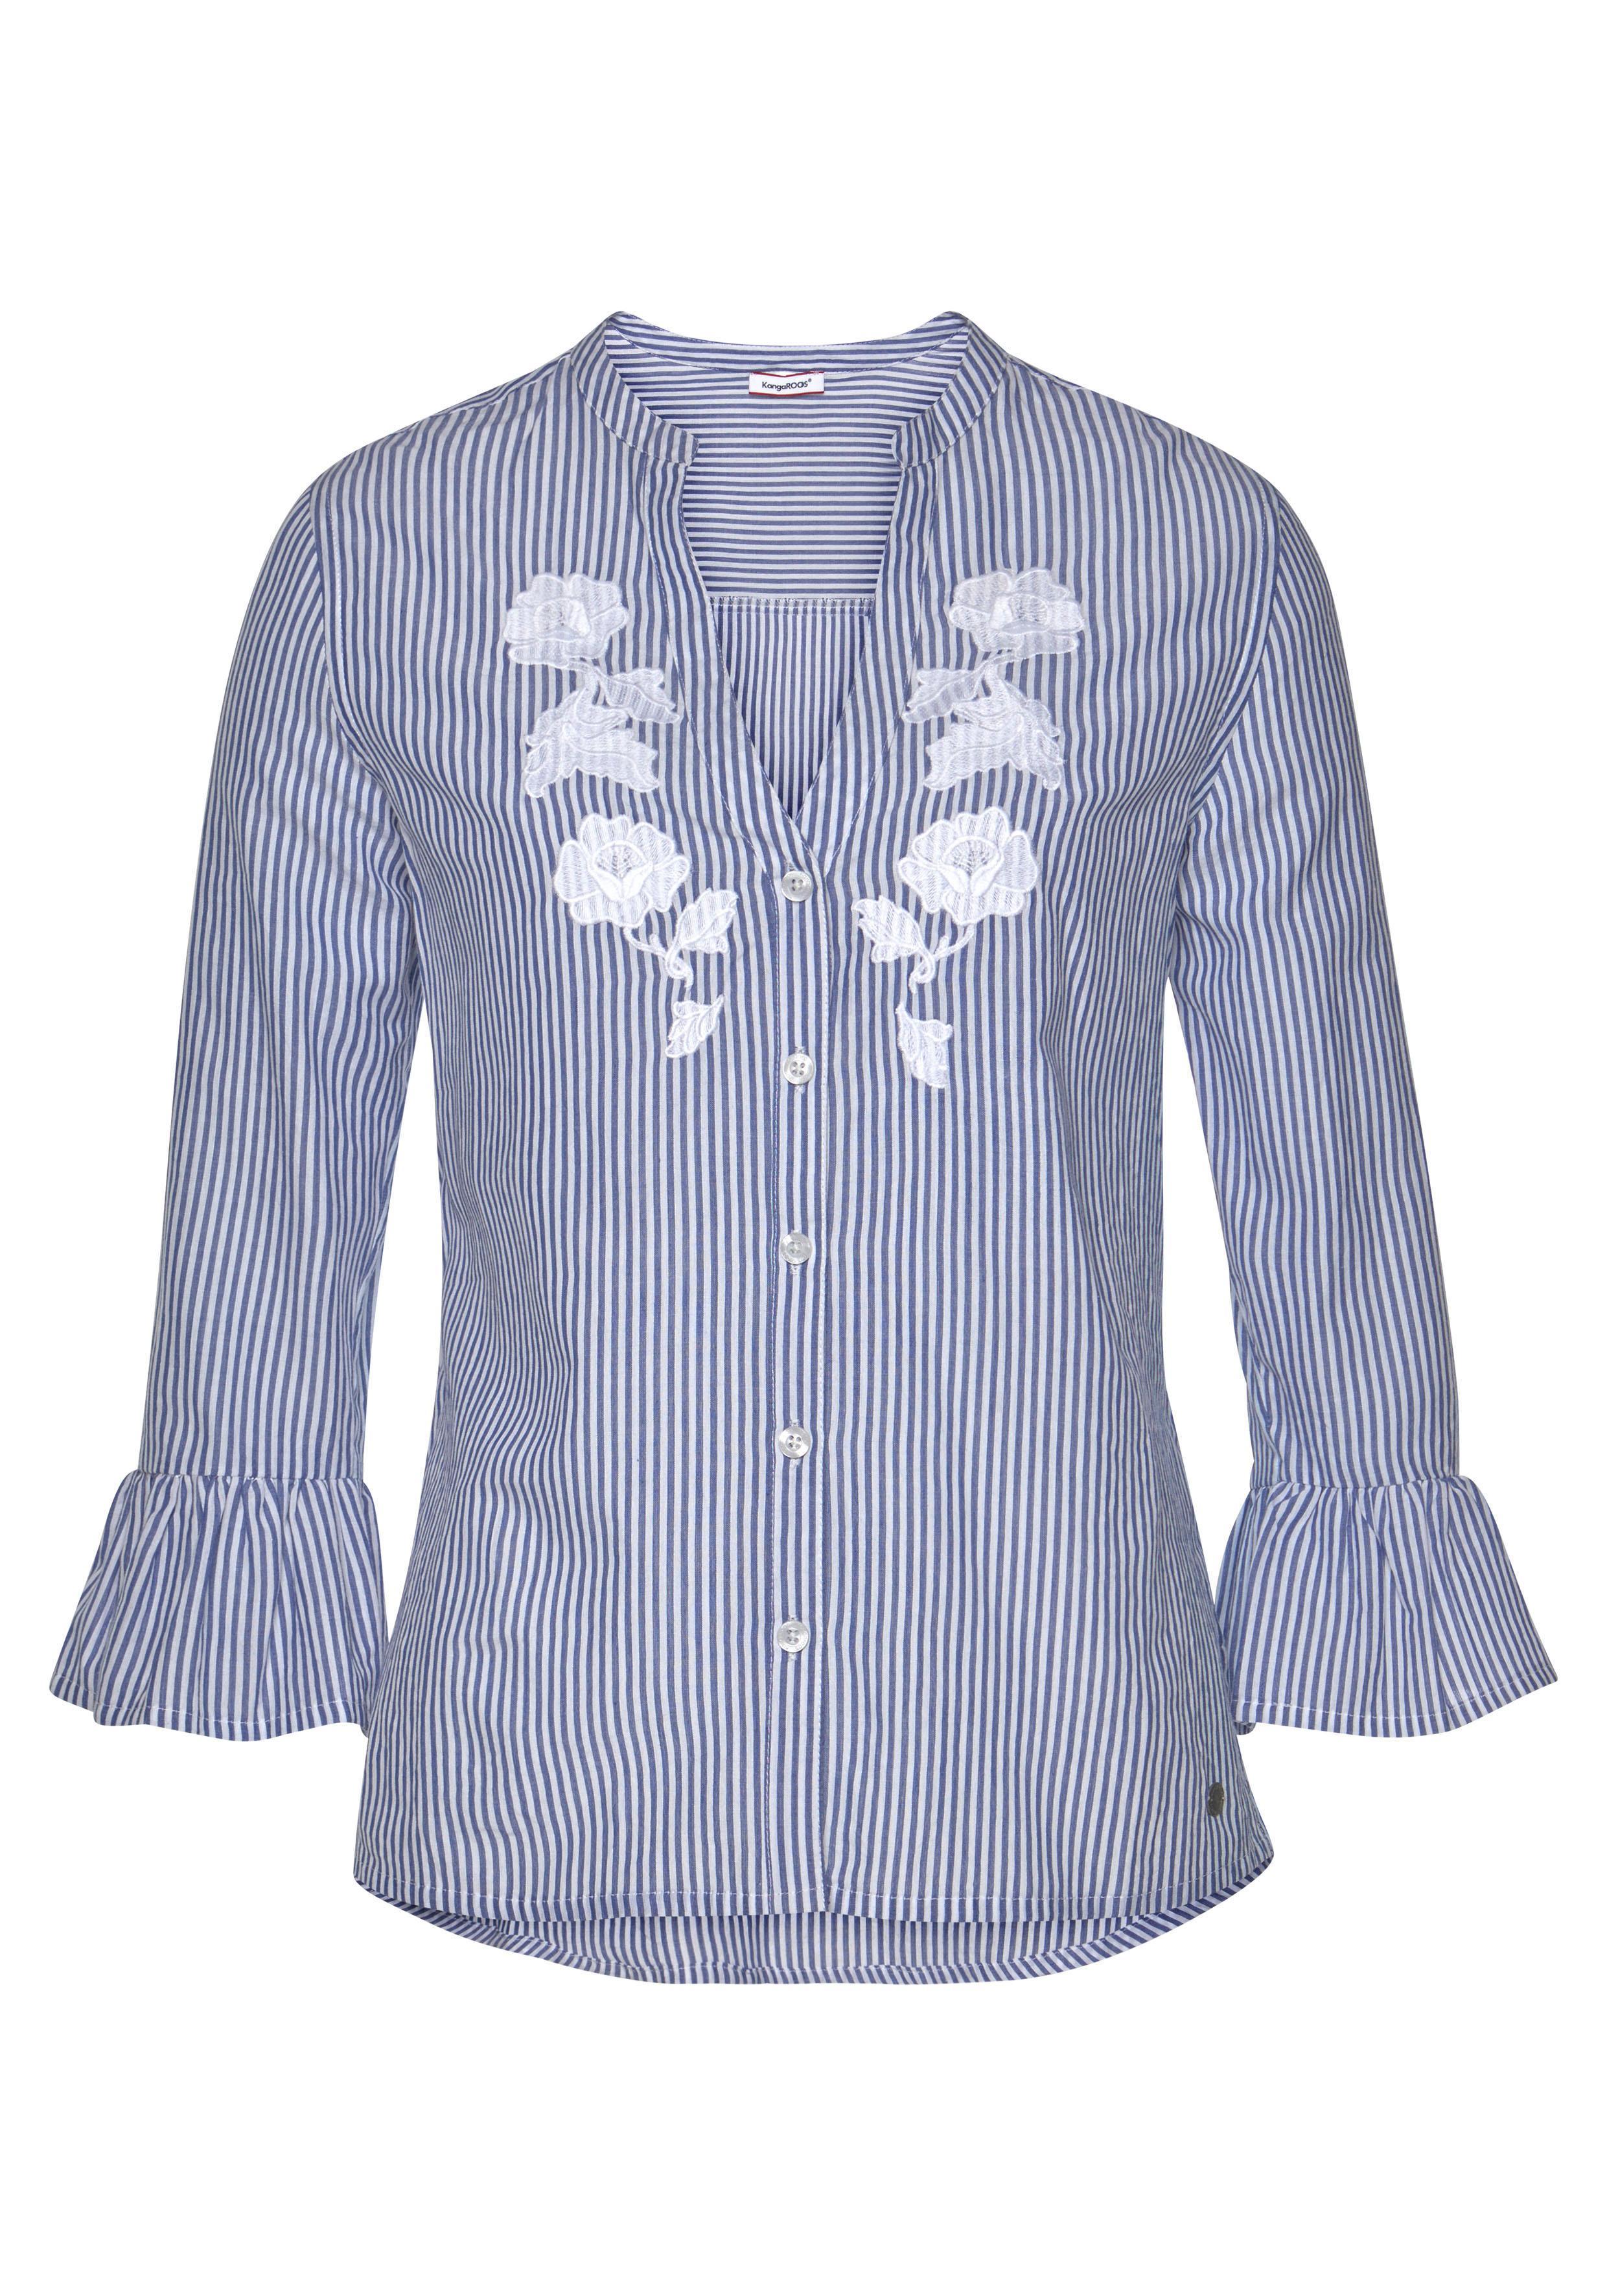 HemdBlause  Damen  4 4 4 Arm Blausen  Blausen Kangaroos 4 arm Blausen 3 100% Baumwolle,M | Mode-Muster  | Gutes Design  | Deutschland Shops  603ff6